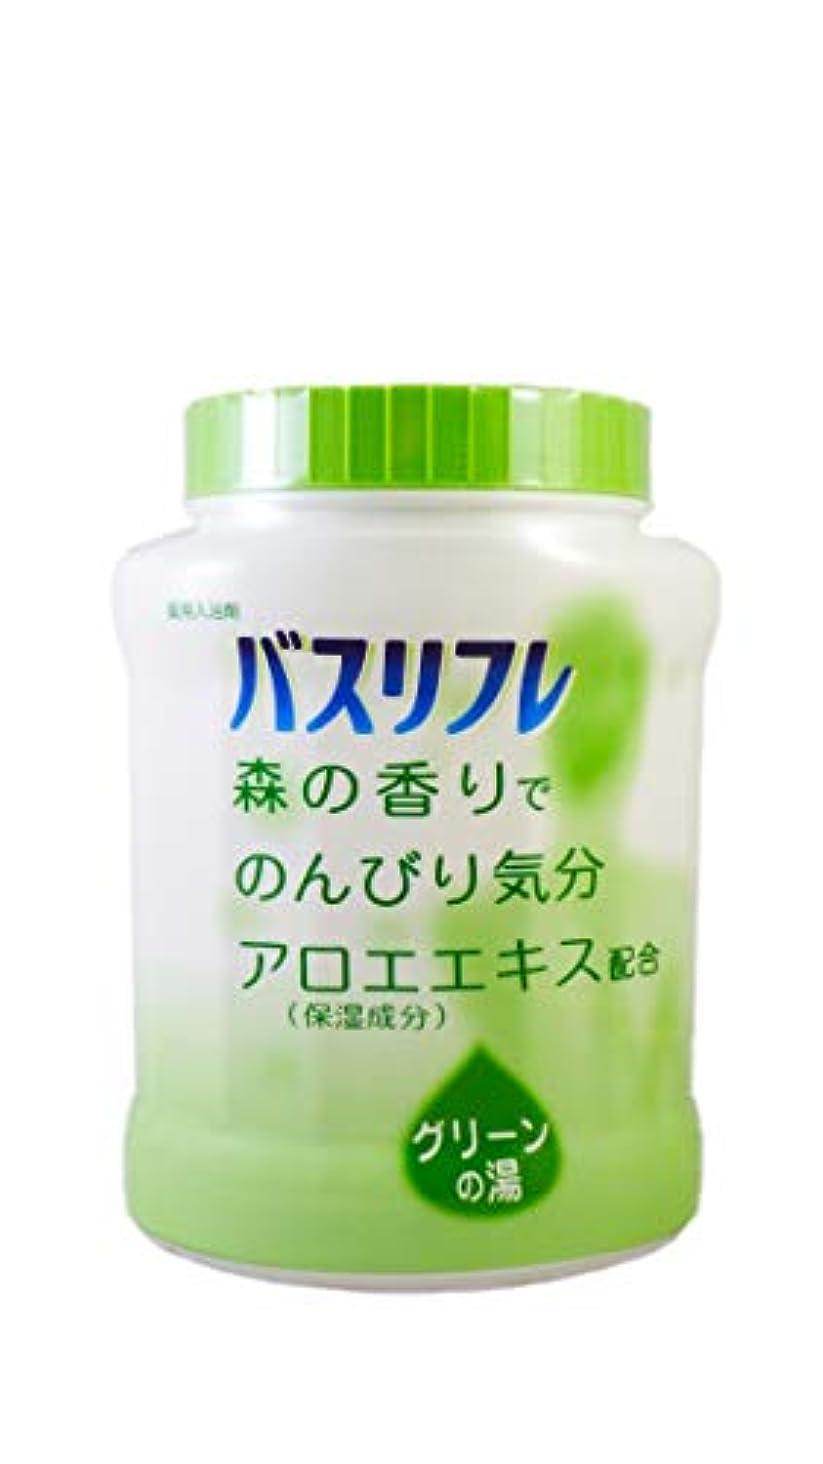 未来調整毒バスリフレ 薬用入浴剤 グリーンの湯 森の香りでのんびり気分 天然保湿成分配合 医薬部外品 680g